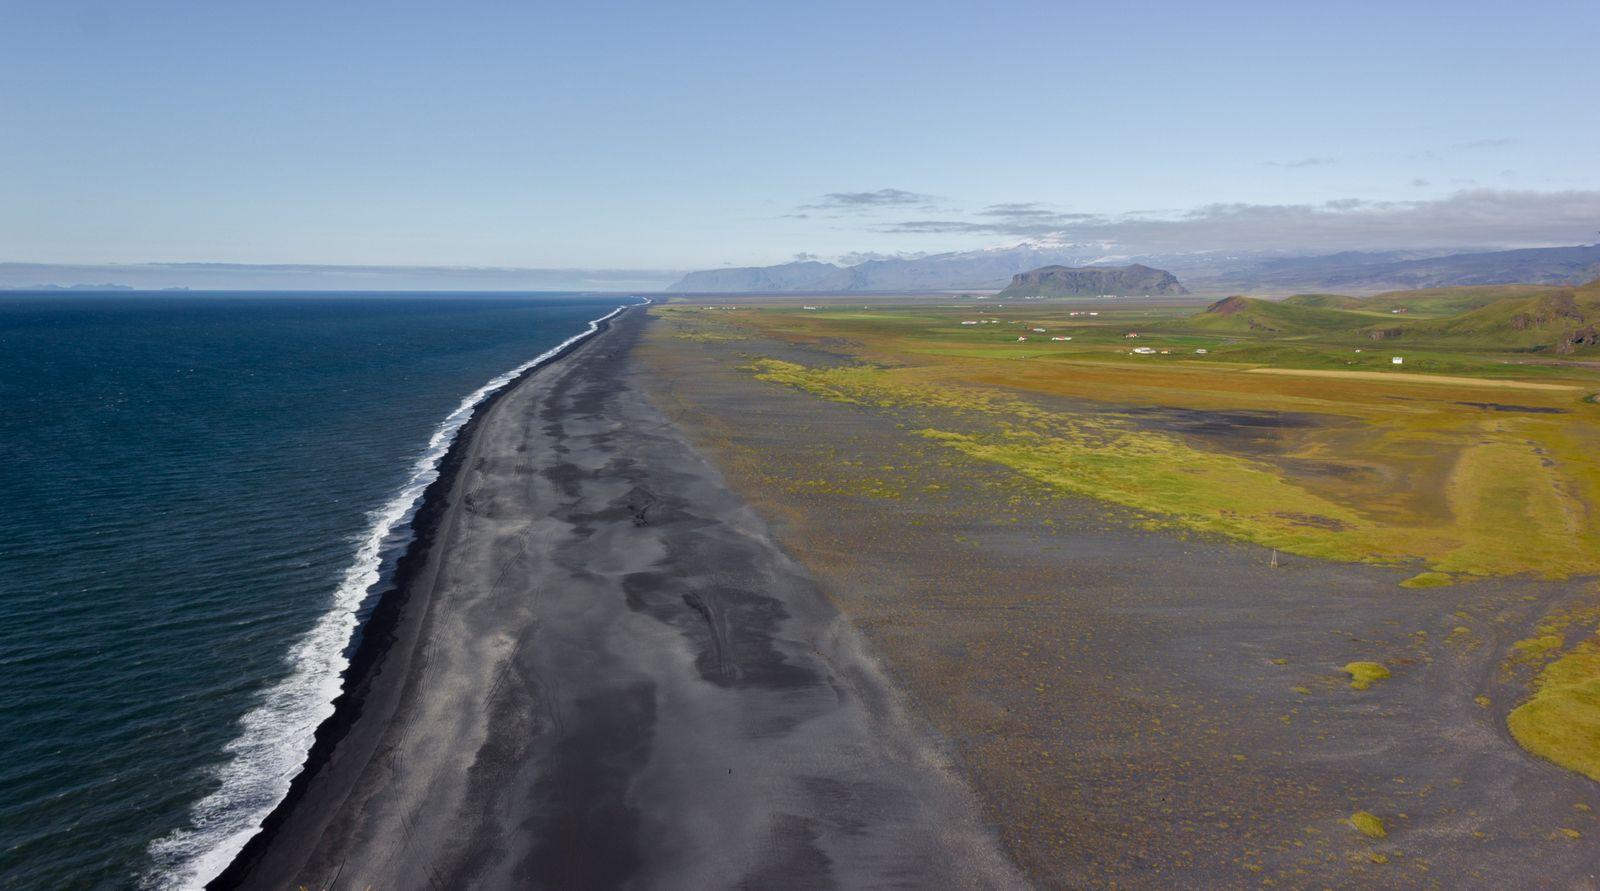 Una nueva y enorme playa negra, ésta inaccesible